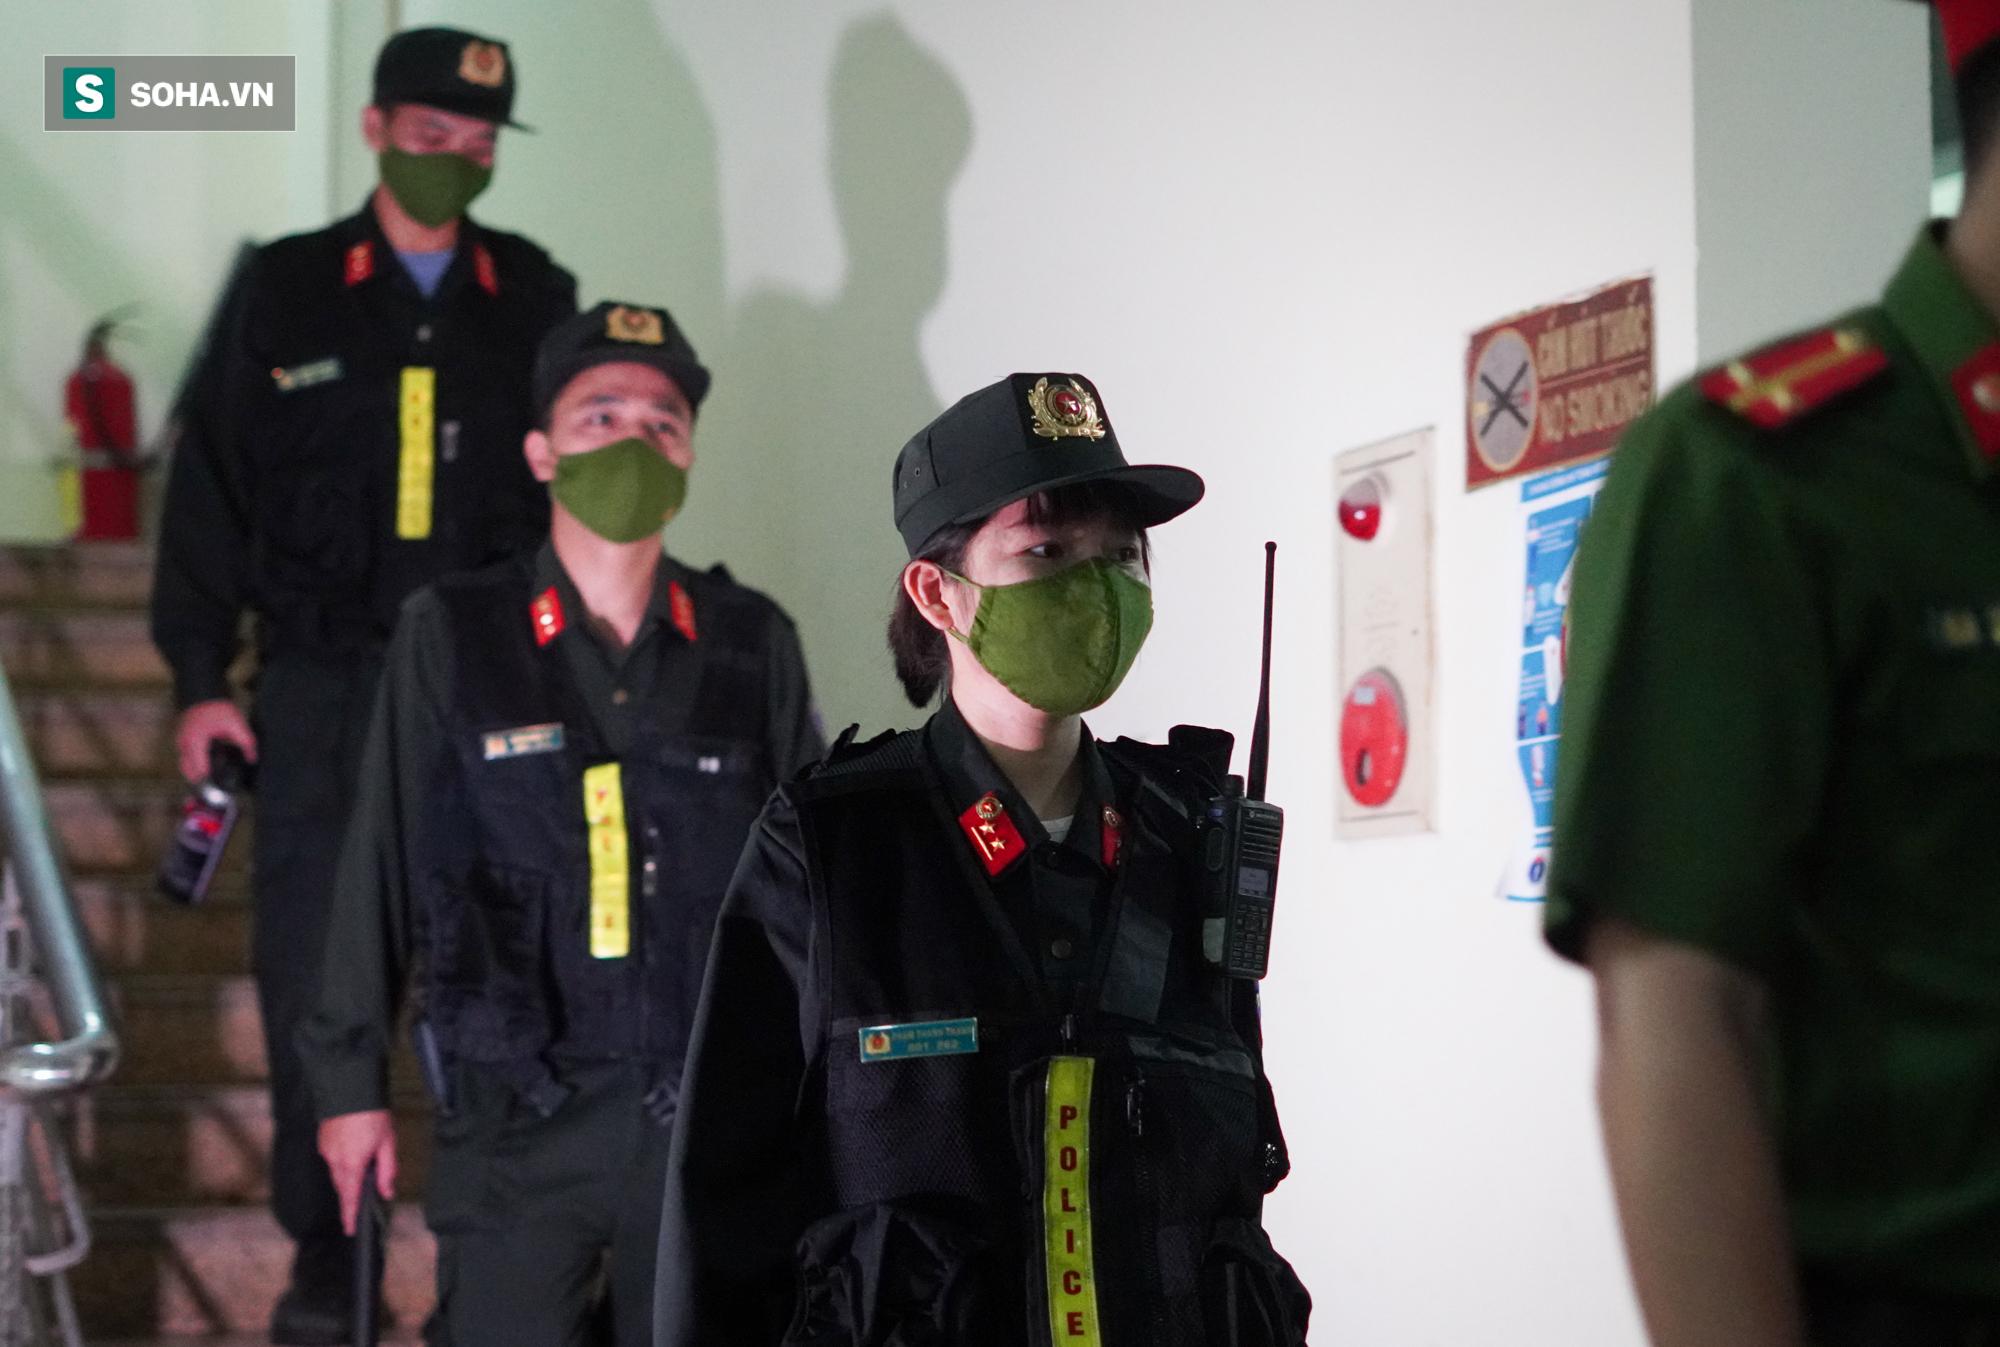 Nữ cảnh sát đặc nhiệm đầu tiên của tổ 141: Quen với những đêm trắng vì sự bình yên của người dân - Ảnh 3.